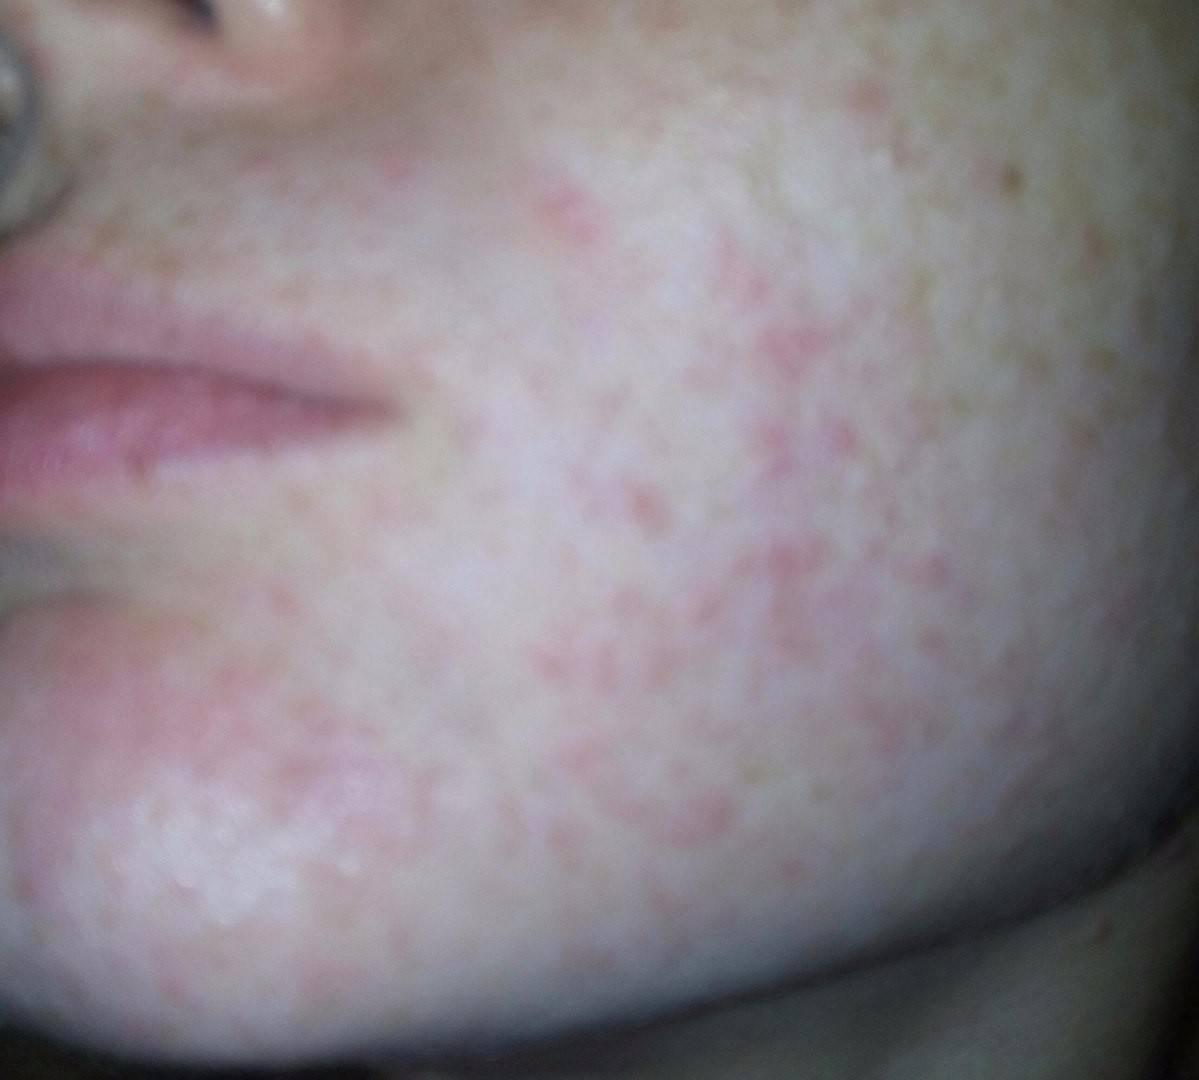 Возможные причины и методы устранения сыпи на лице у женщин